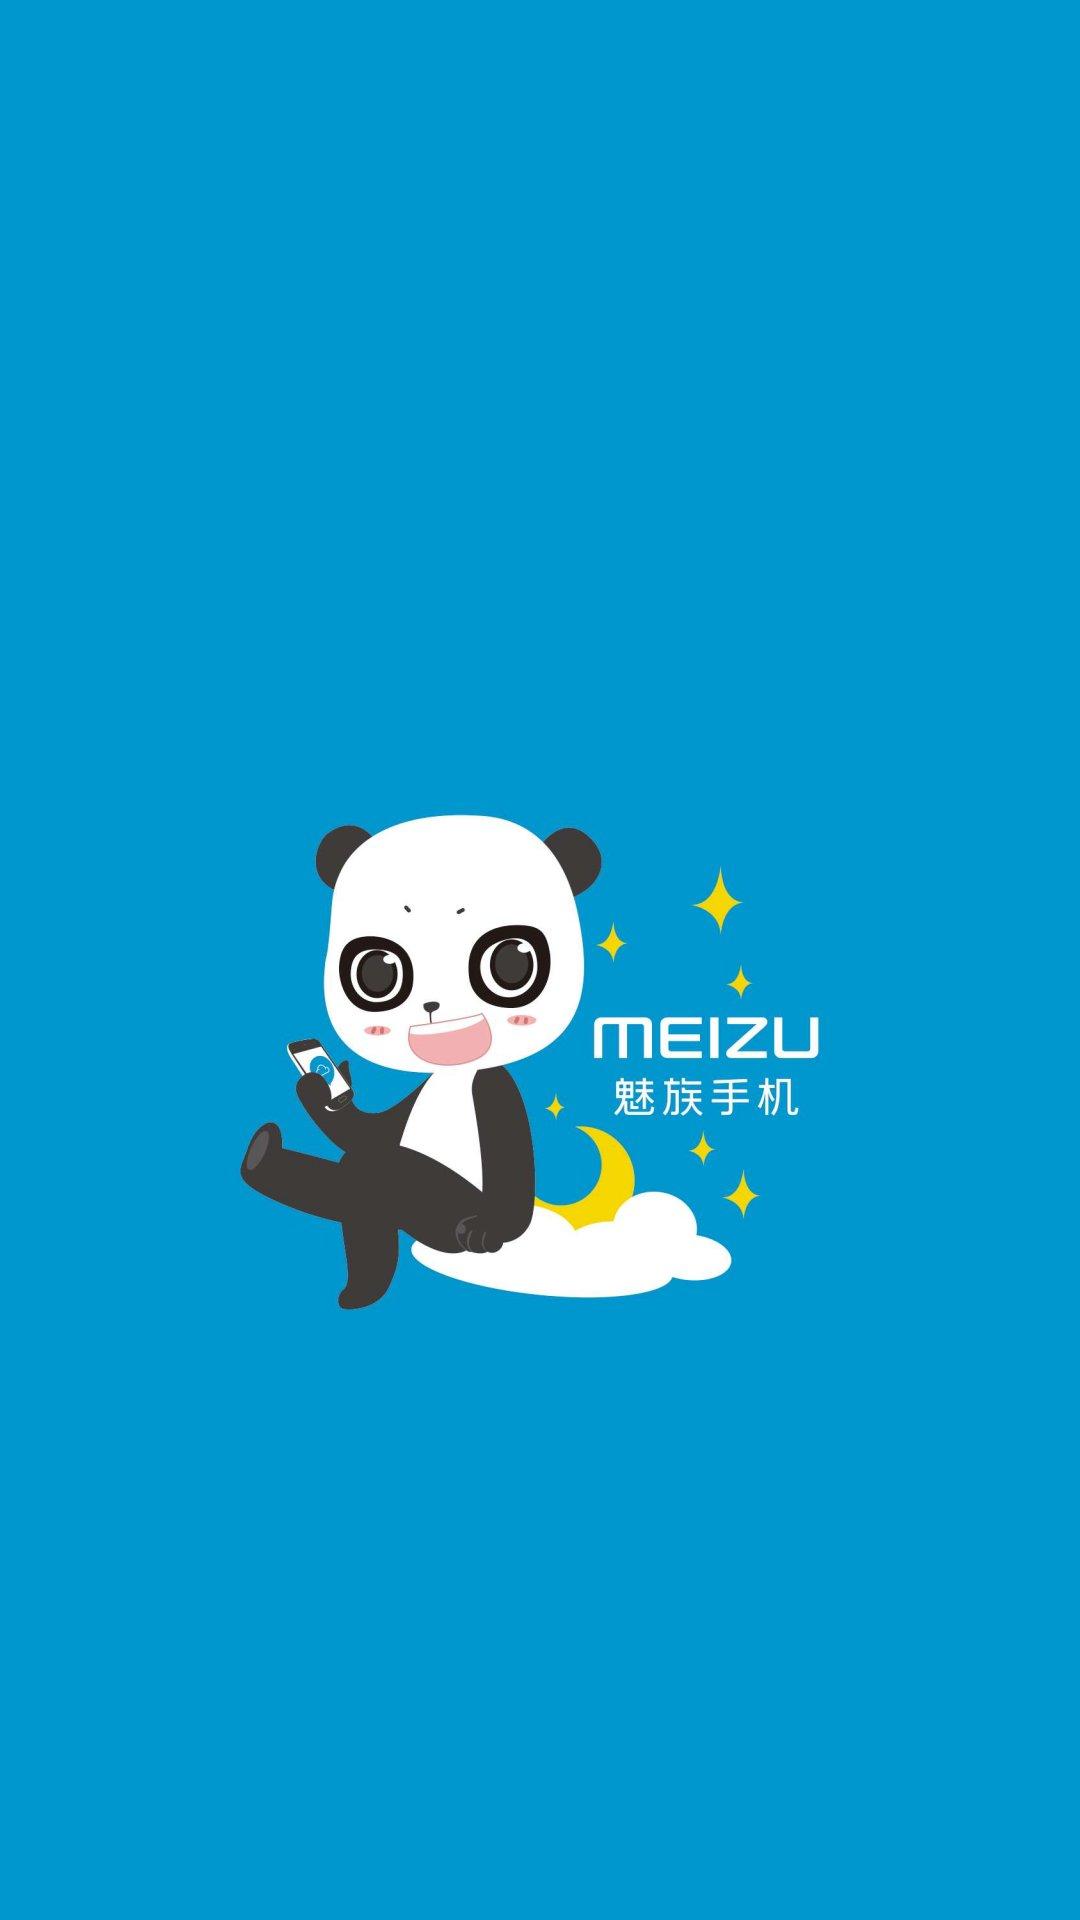 大熊猫盼盼【茶馆签到专用帖11.29】